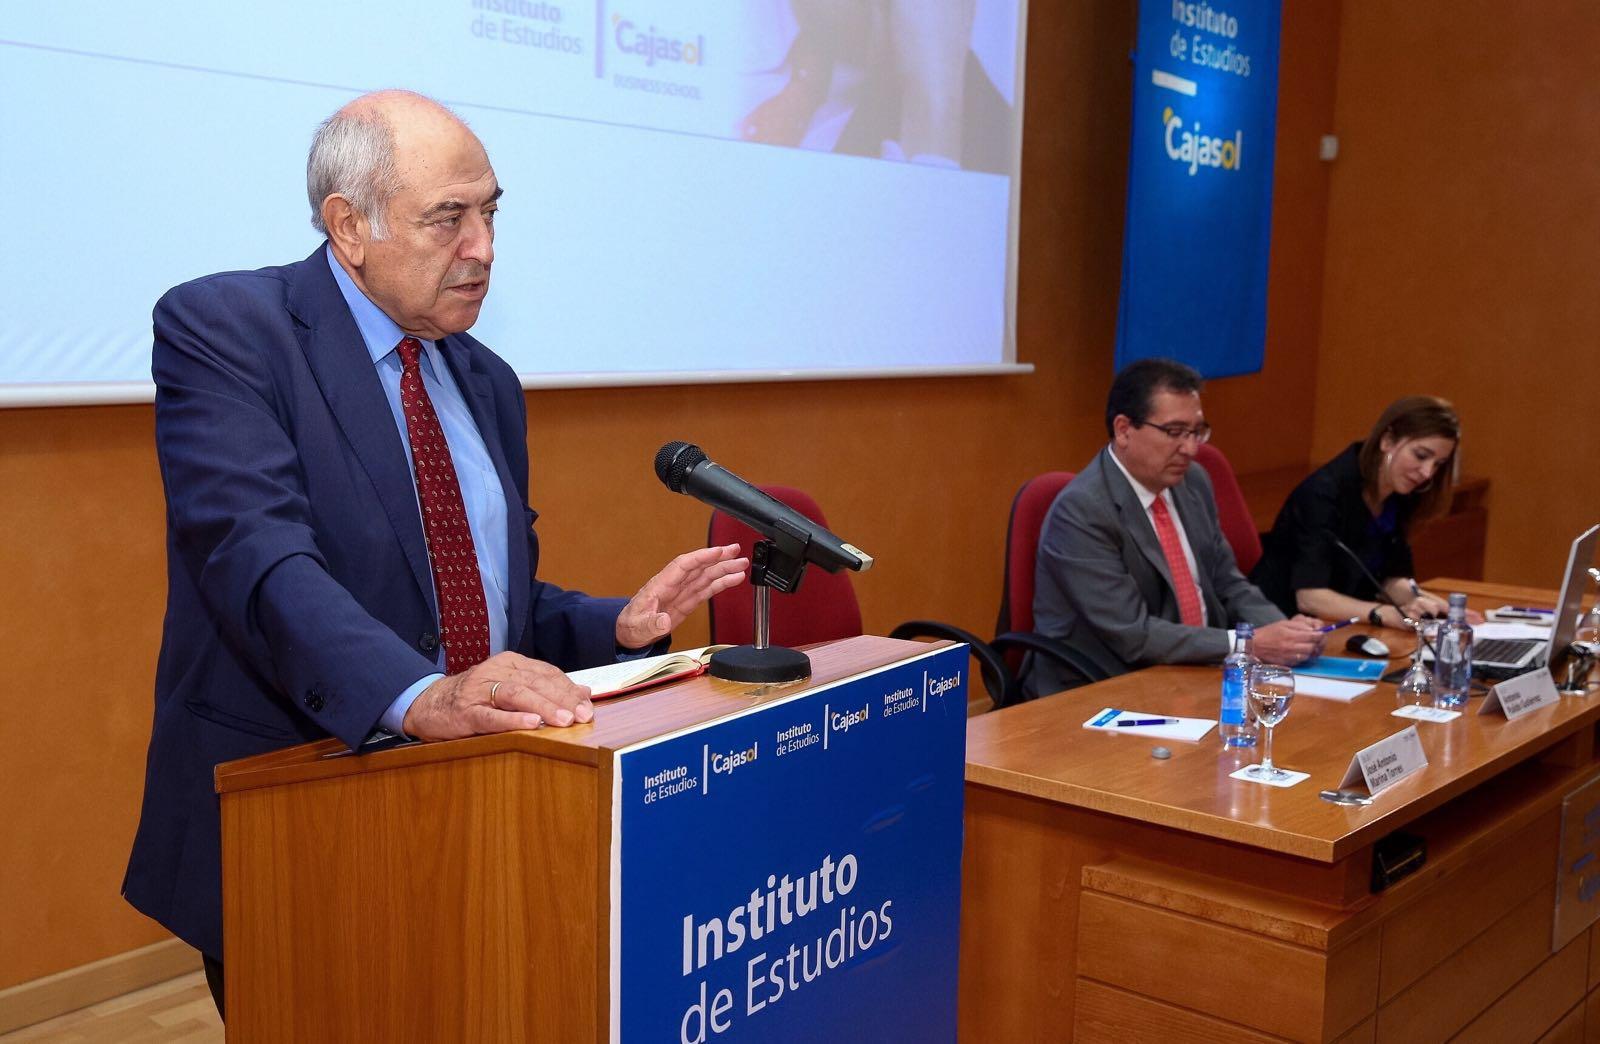 José Antonio Marina, durante su intervención en el Instituto de Estudios Cajasol